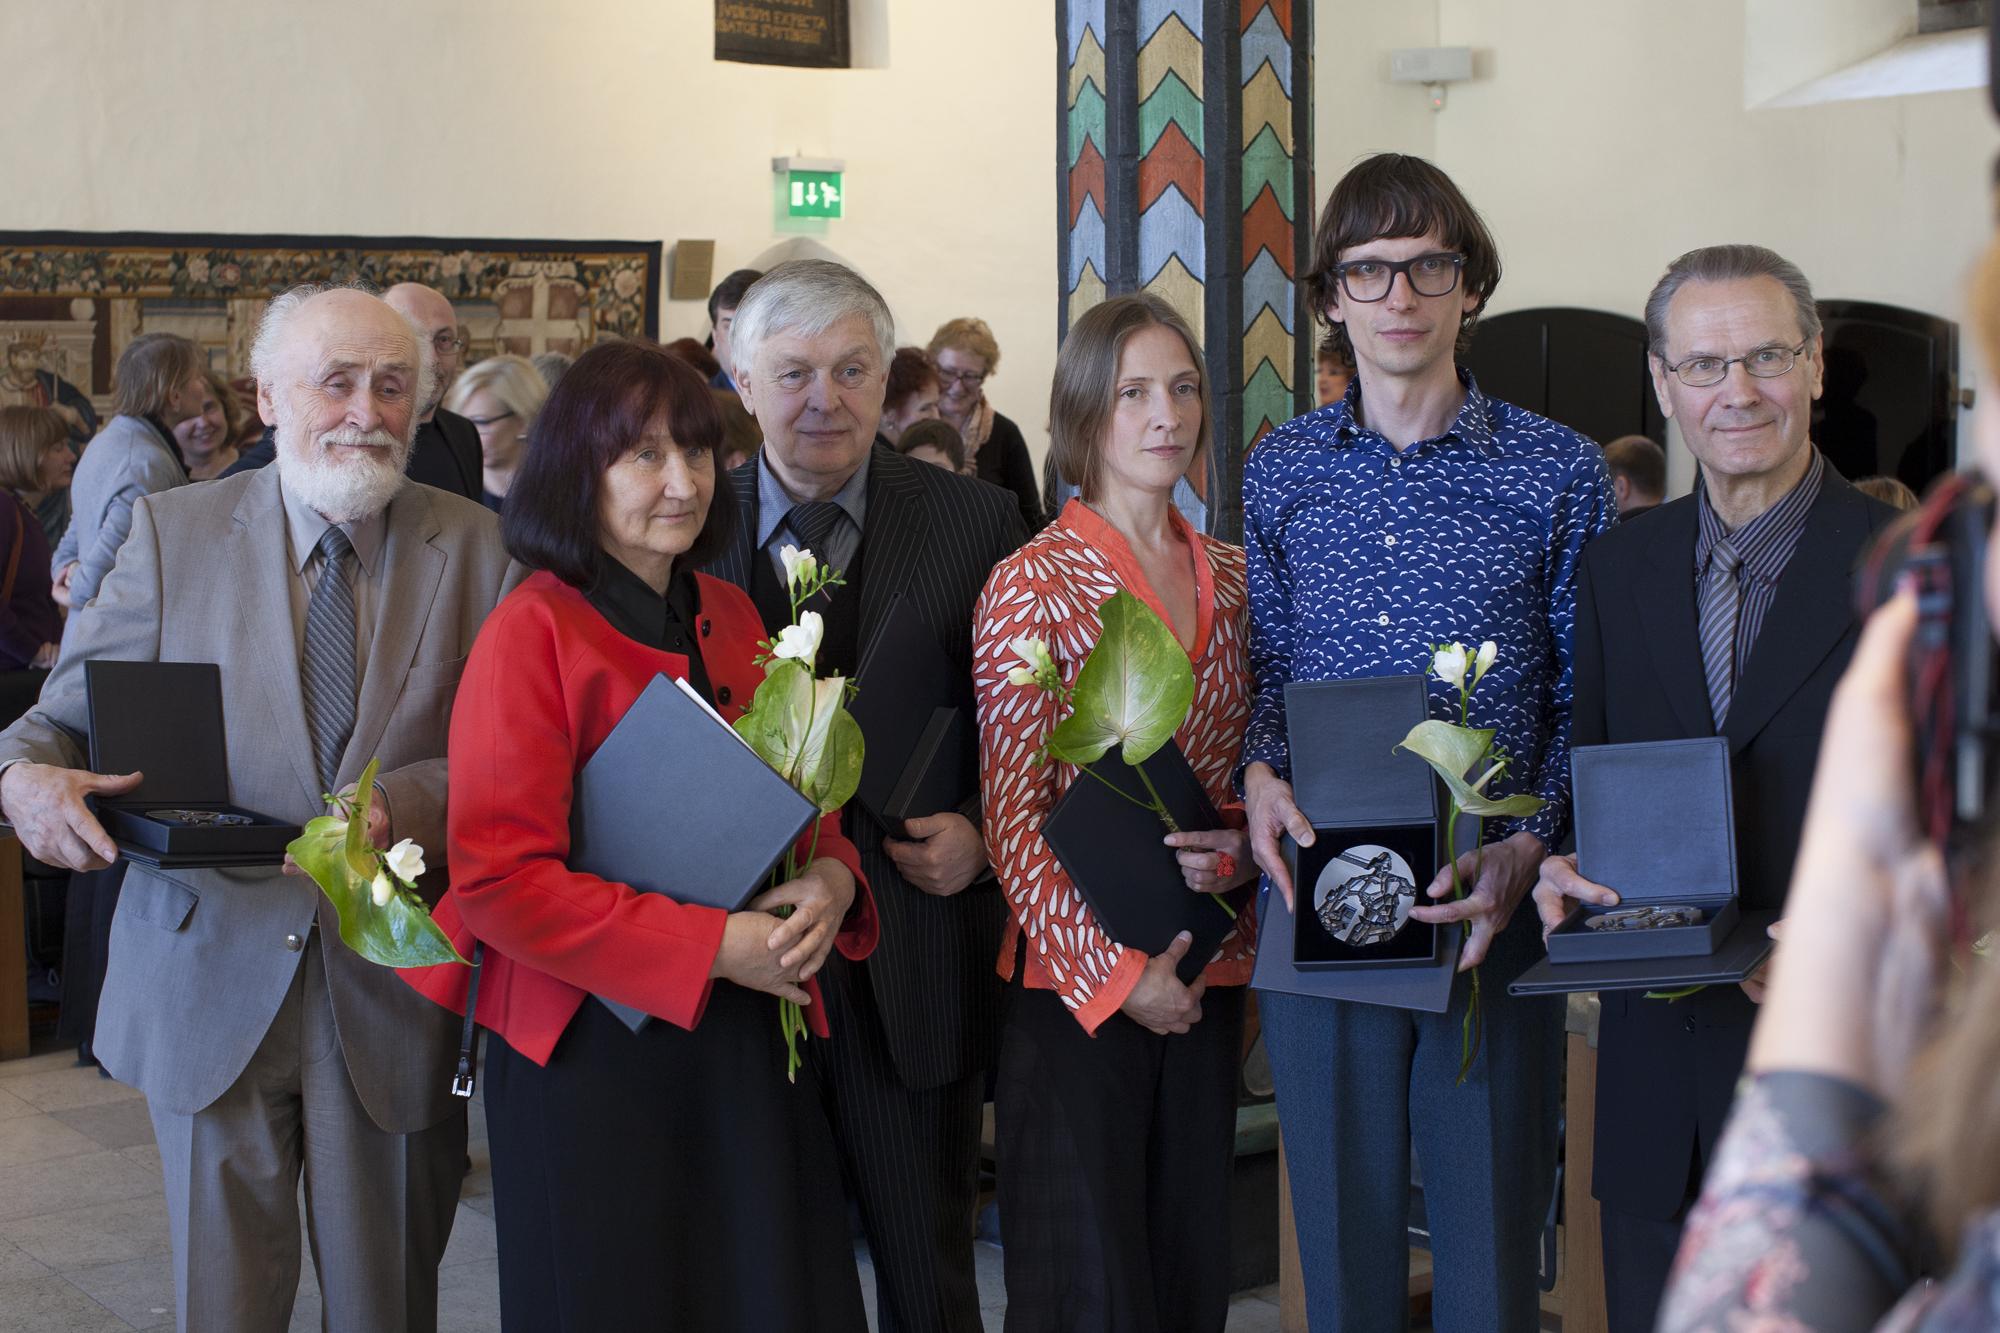 Laureaadid 2015: Leo Rohlin, Aili Vint  ja Toomas Vint, Silja Saarepuu ja Villu Plink, Vello Vinn